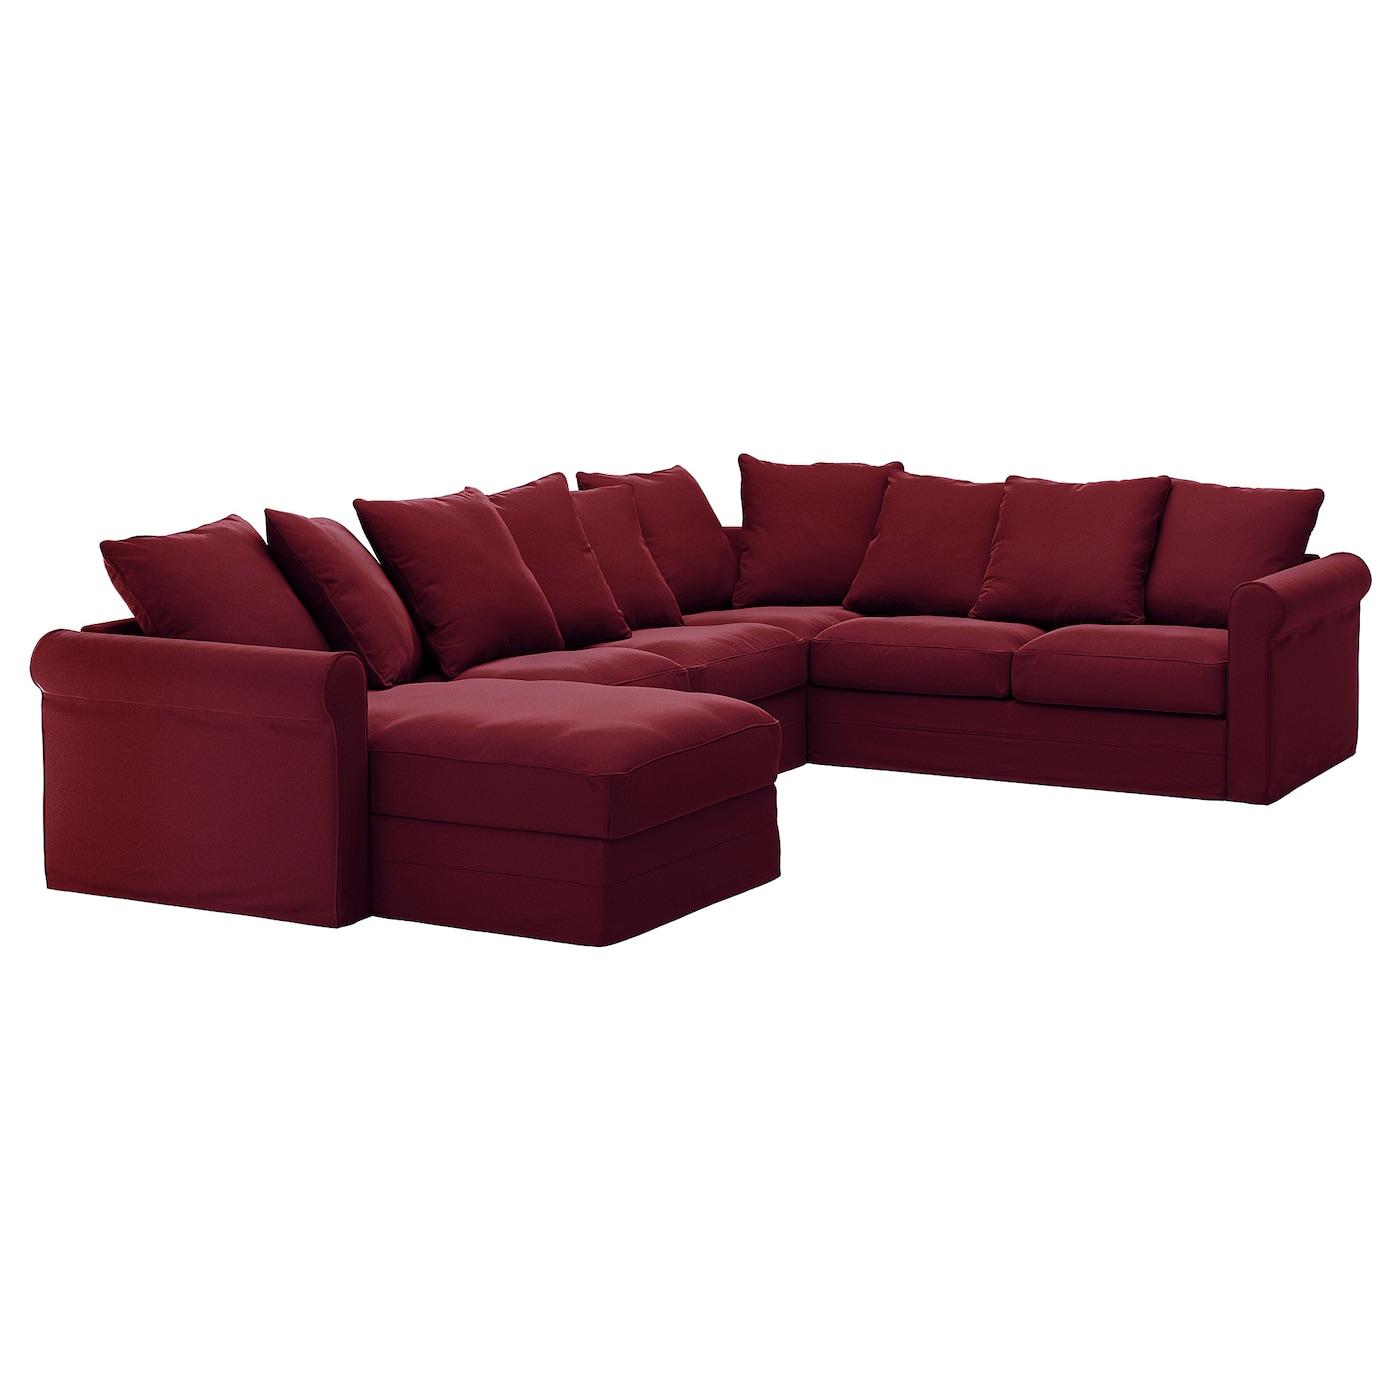 Sectional, 5-seat corner GRÖNLID with chaise, Ljungen dark red